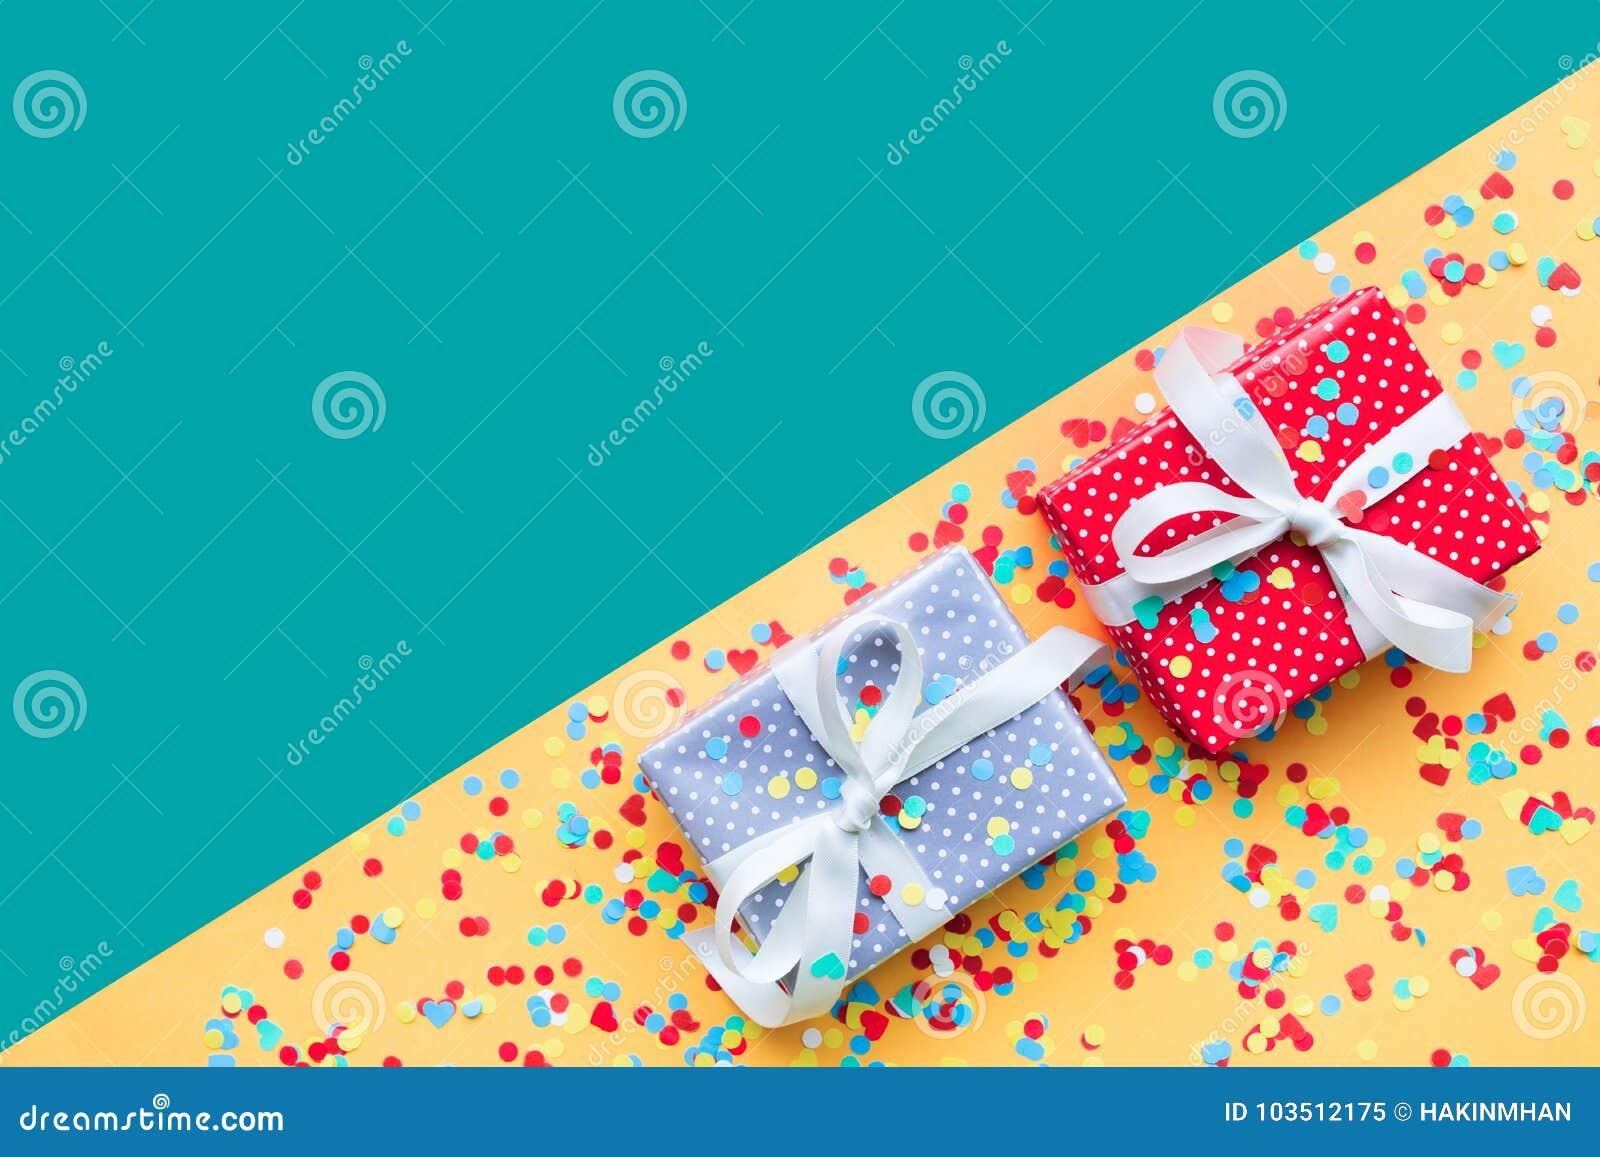 Celebração, ideias dos conceitos dos fundos do partido com presente colorido da caixa de presente